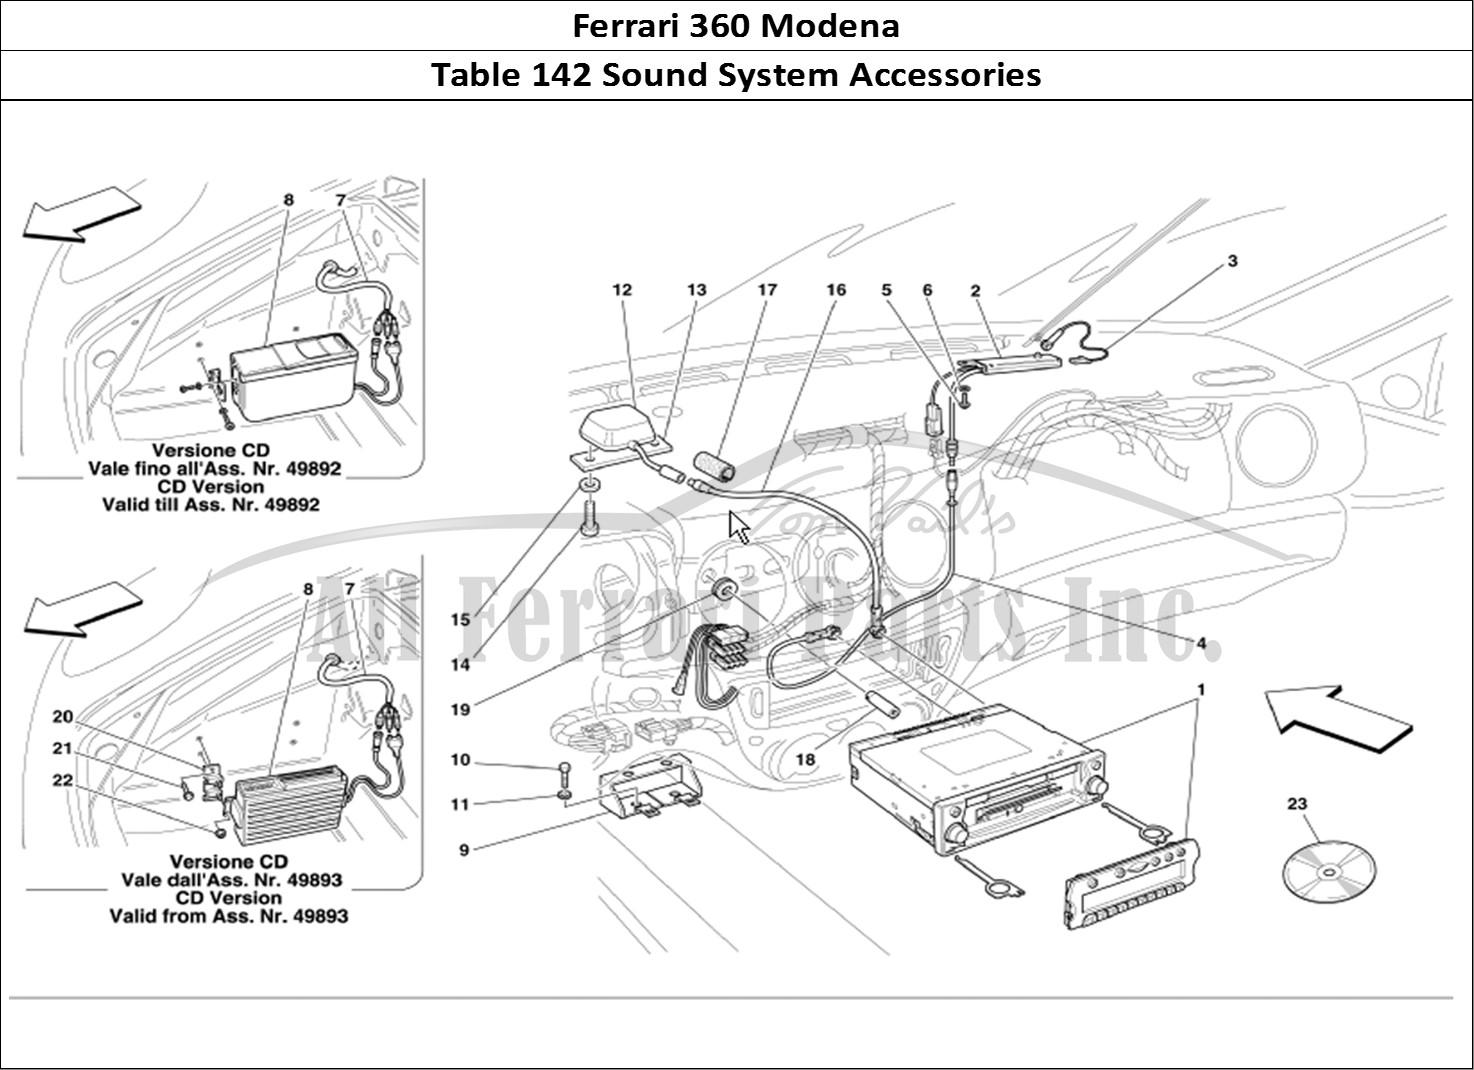 Buy Original Ferrari 360 Modena 142 Sound System